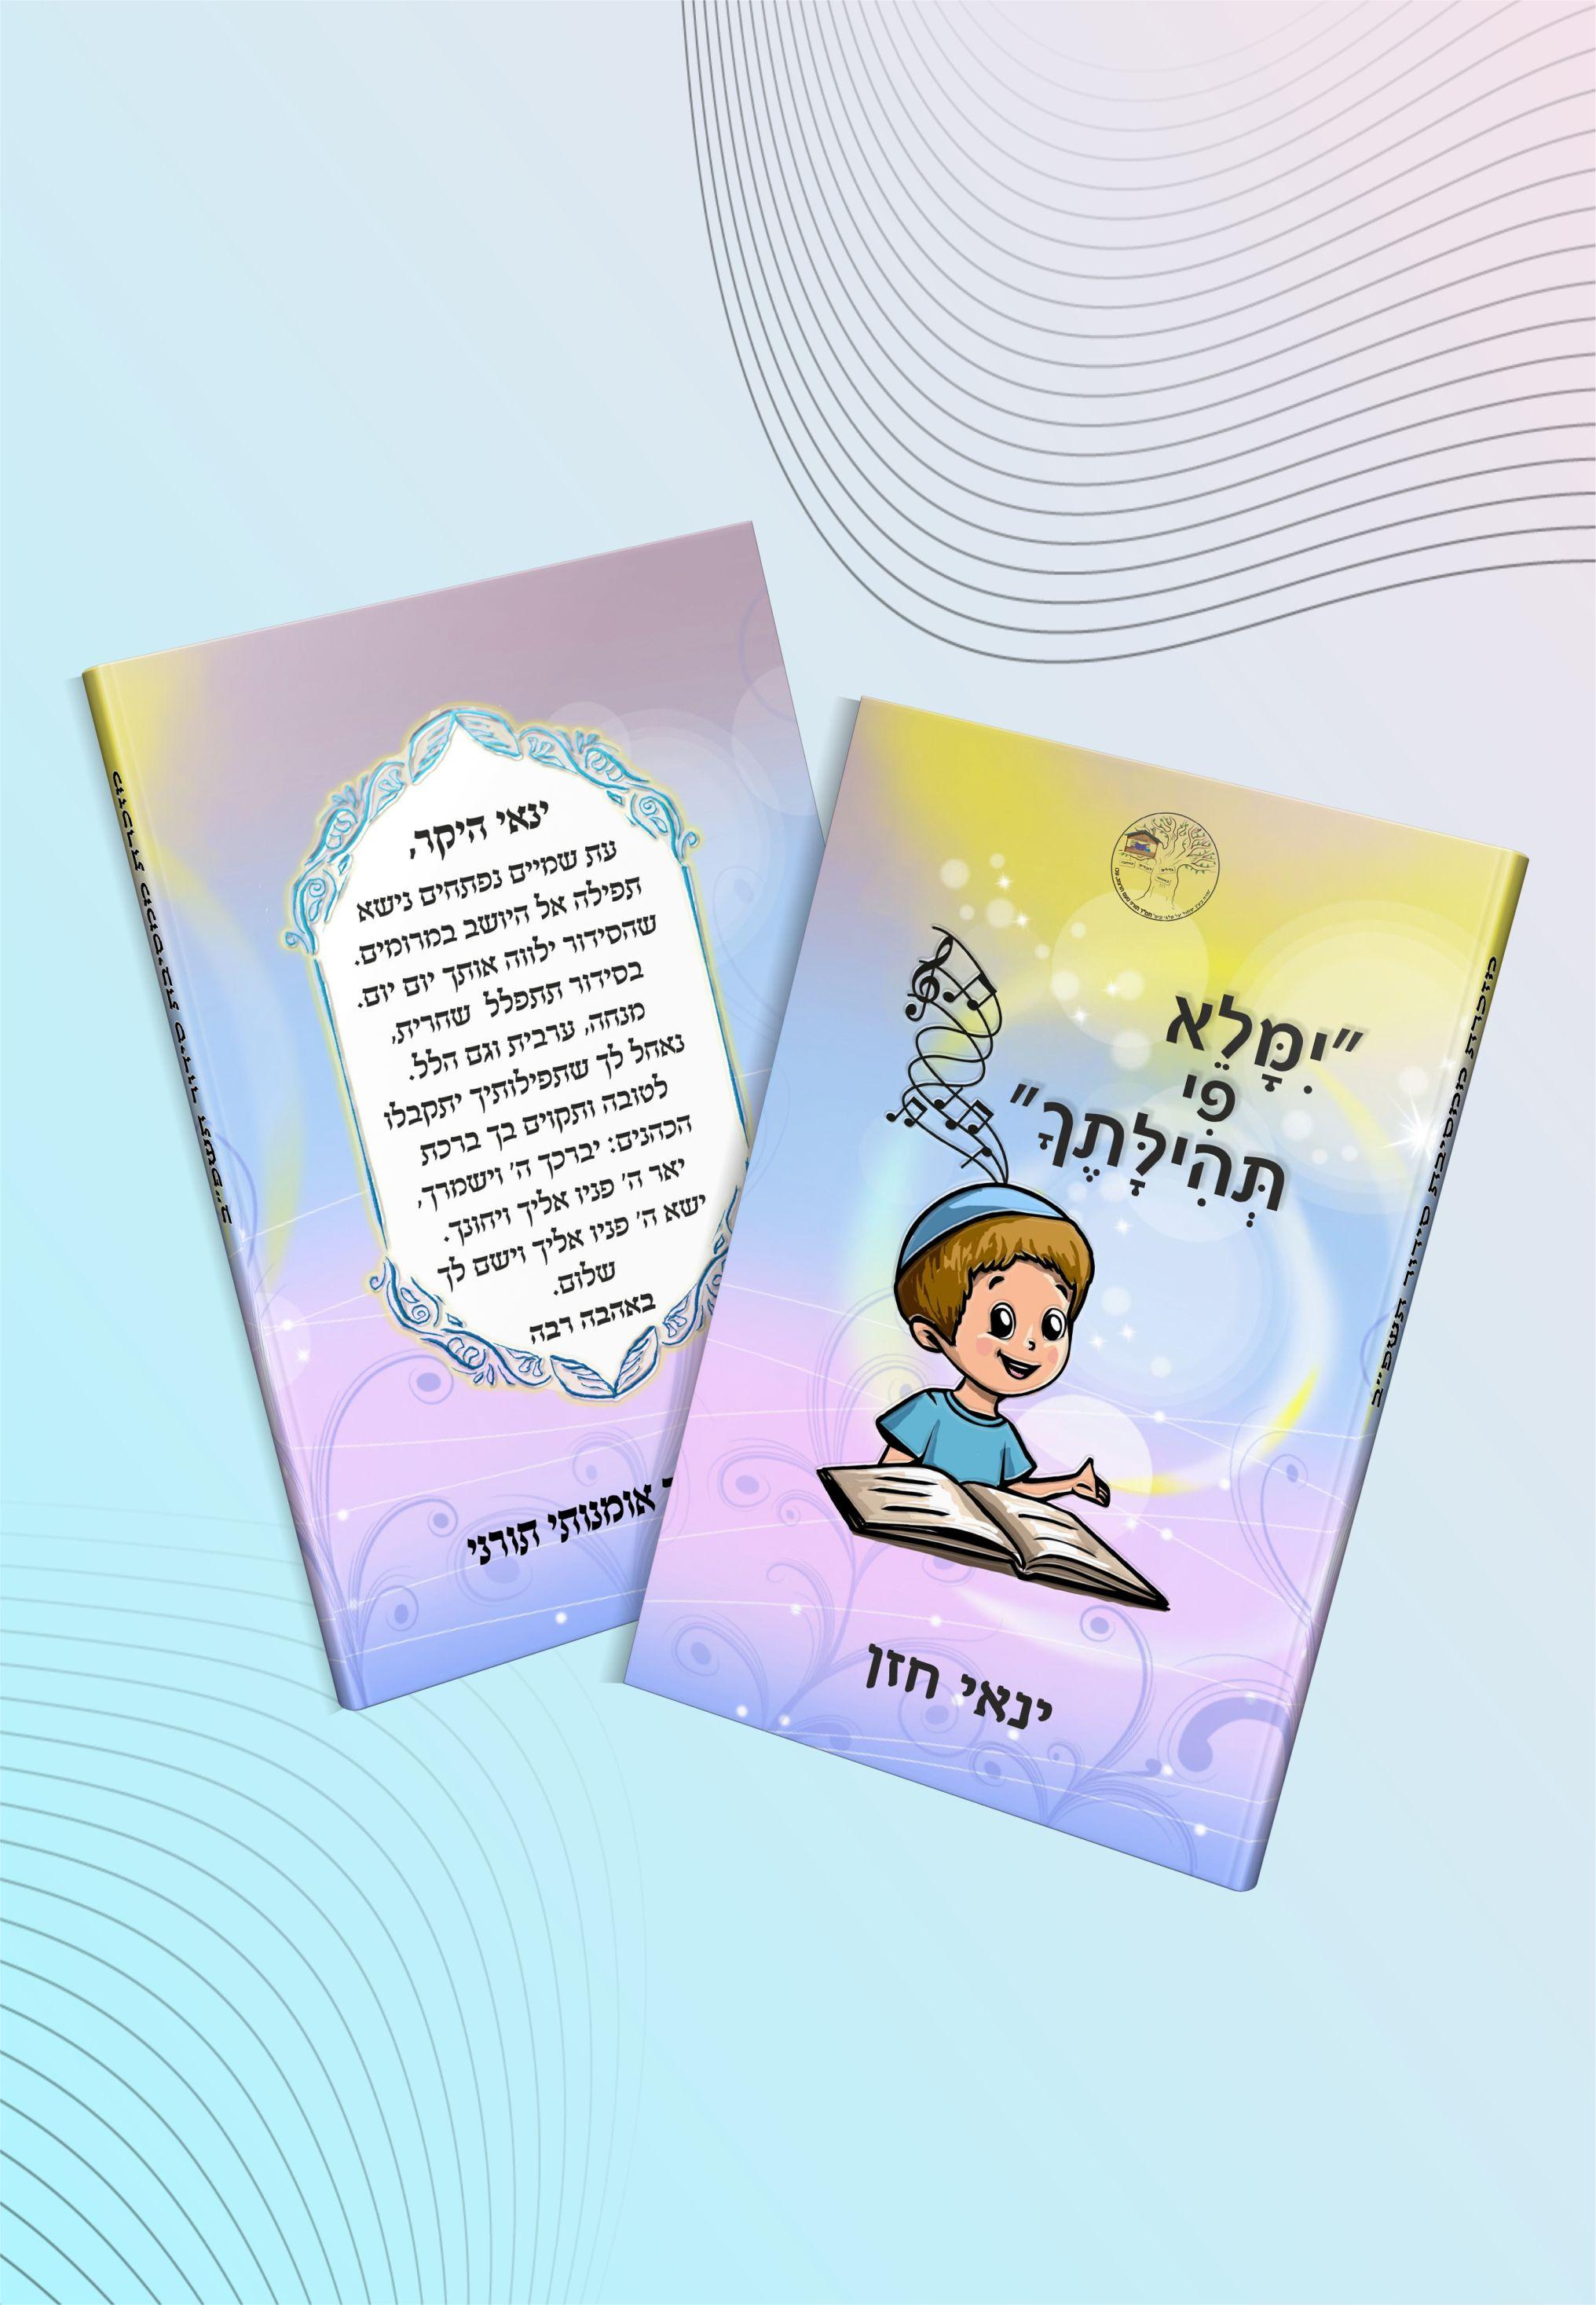 עטיפות לסידור עטיפה לסידור הדפס בשני צידי הספר אפשרות להקדשה אישית